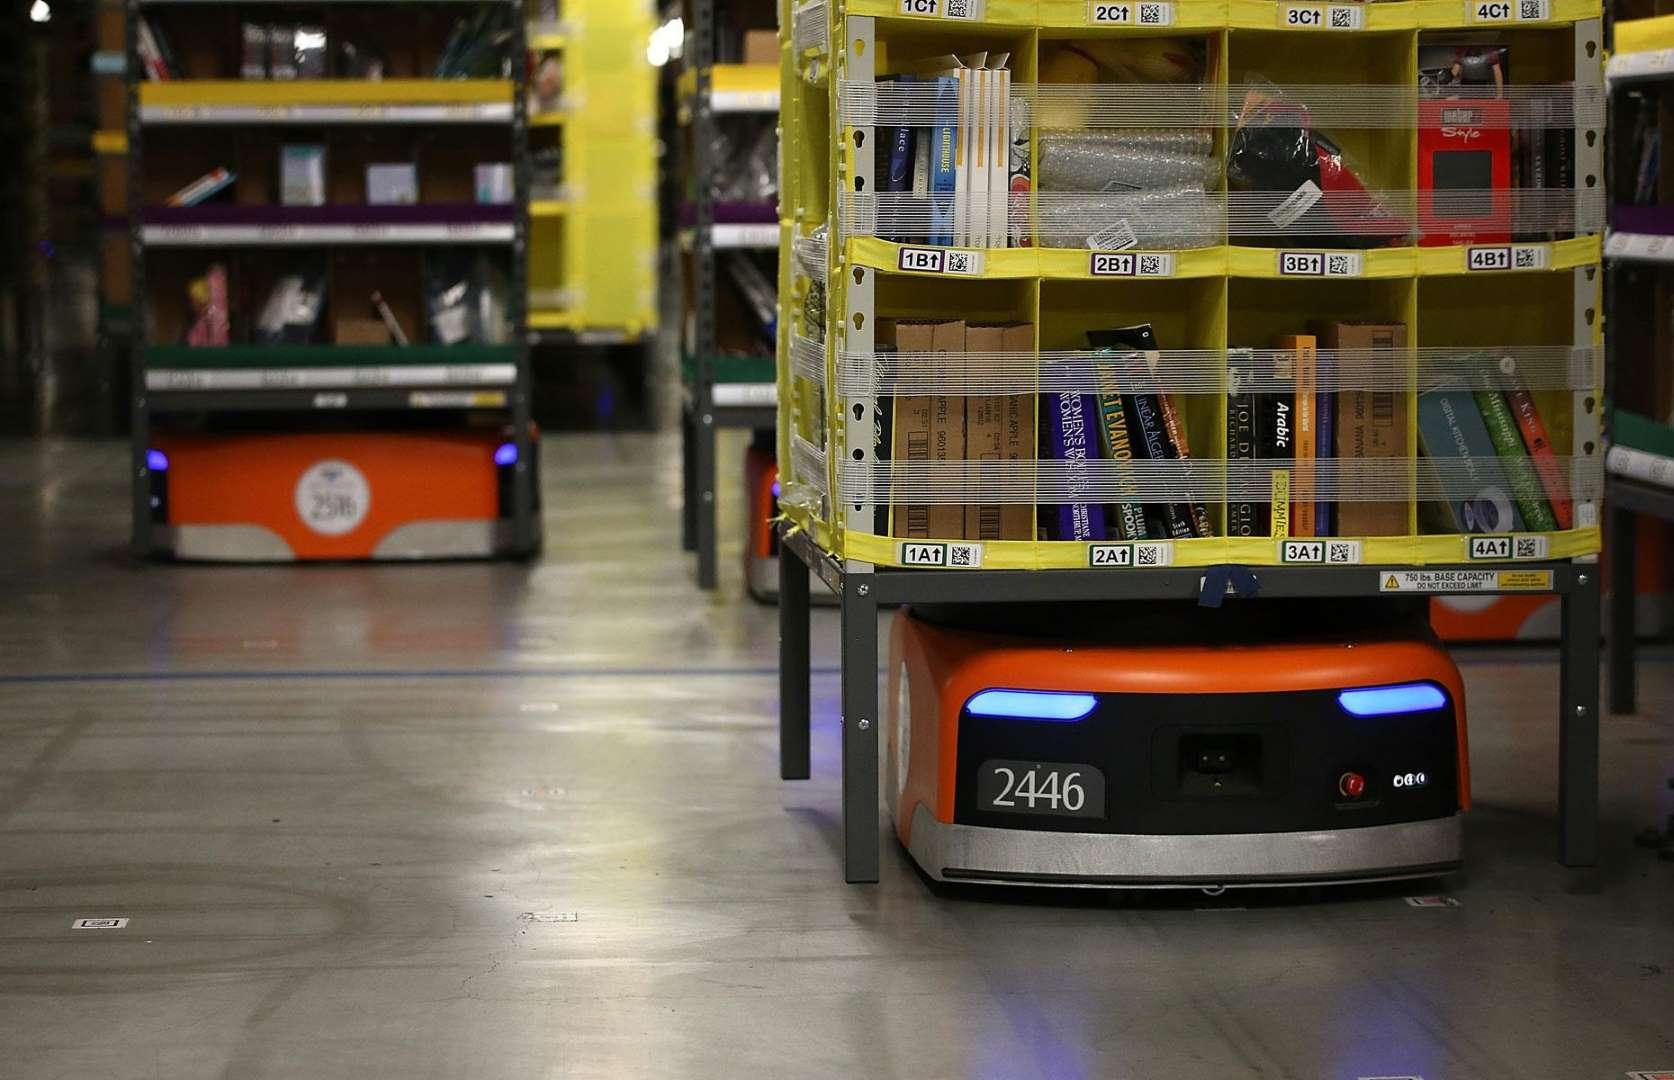 Замена людей роботами началась